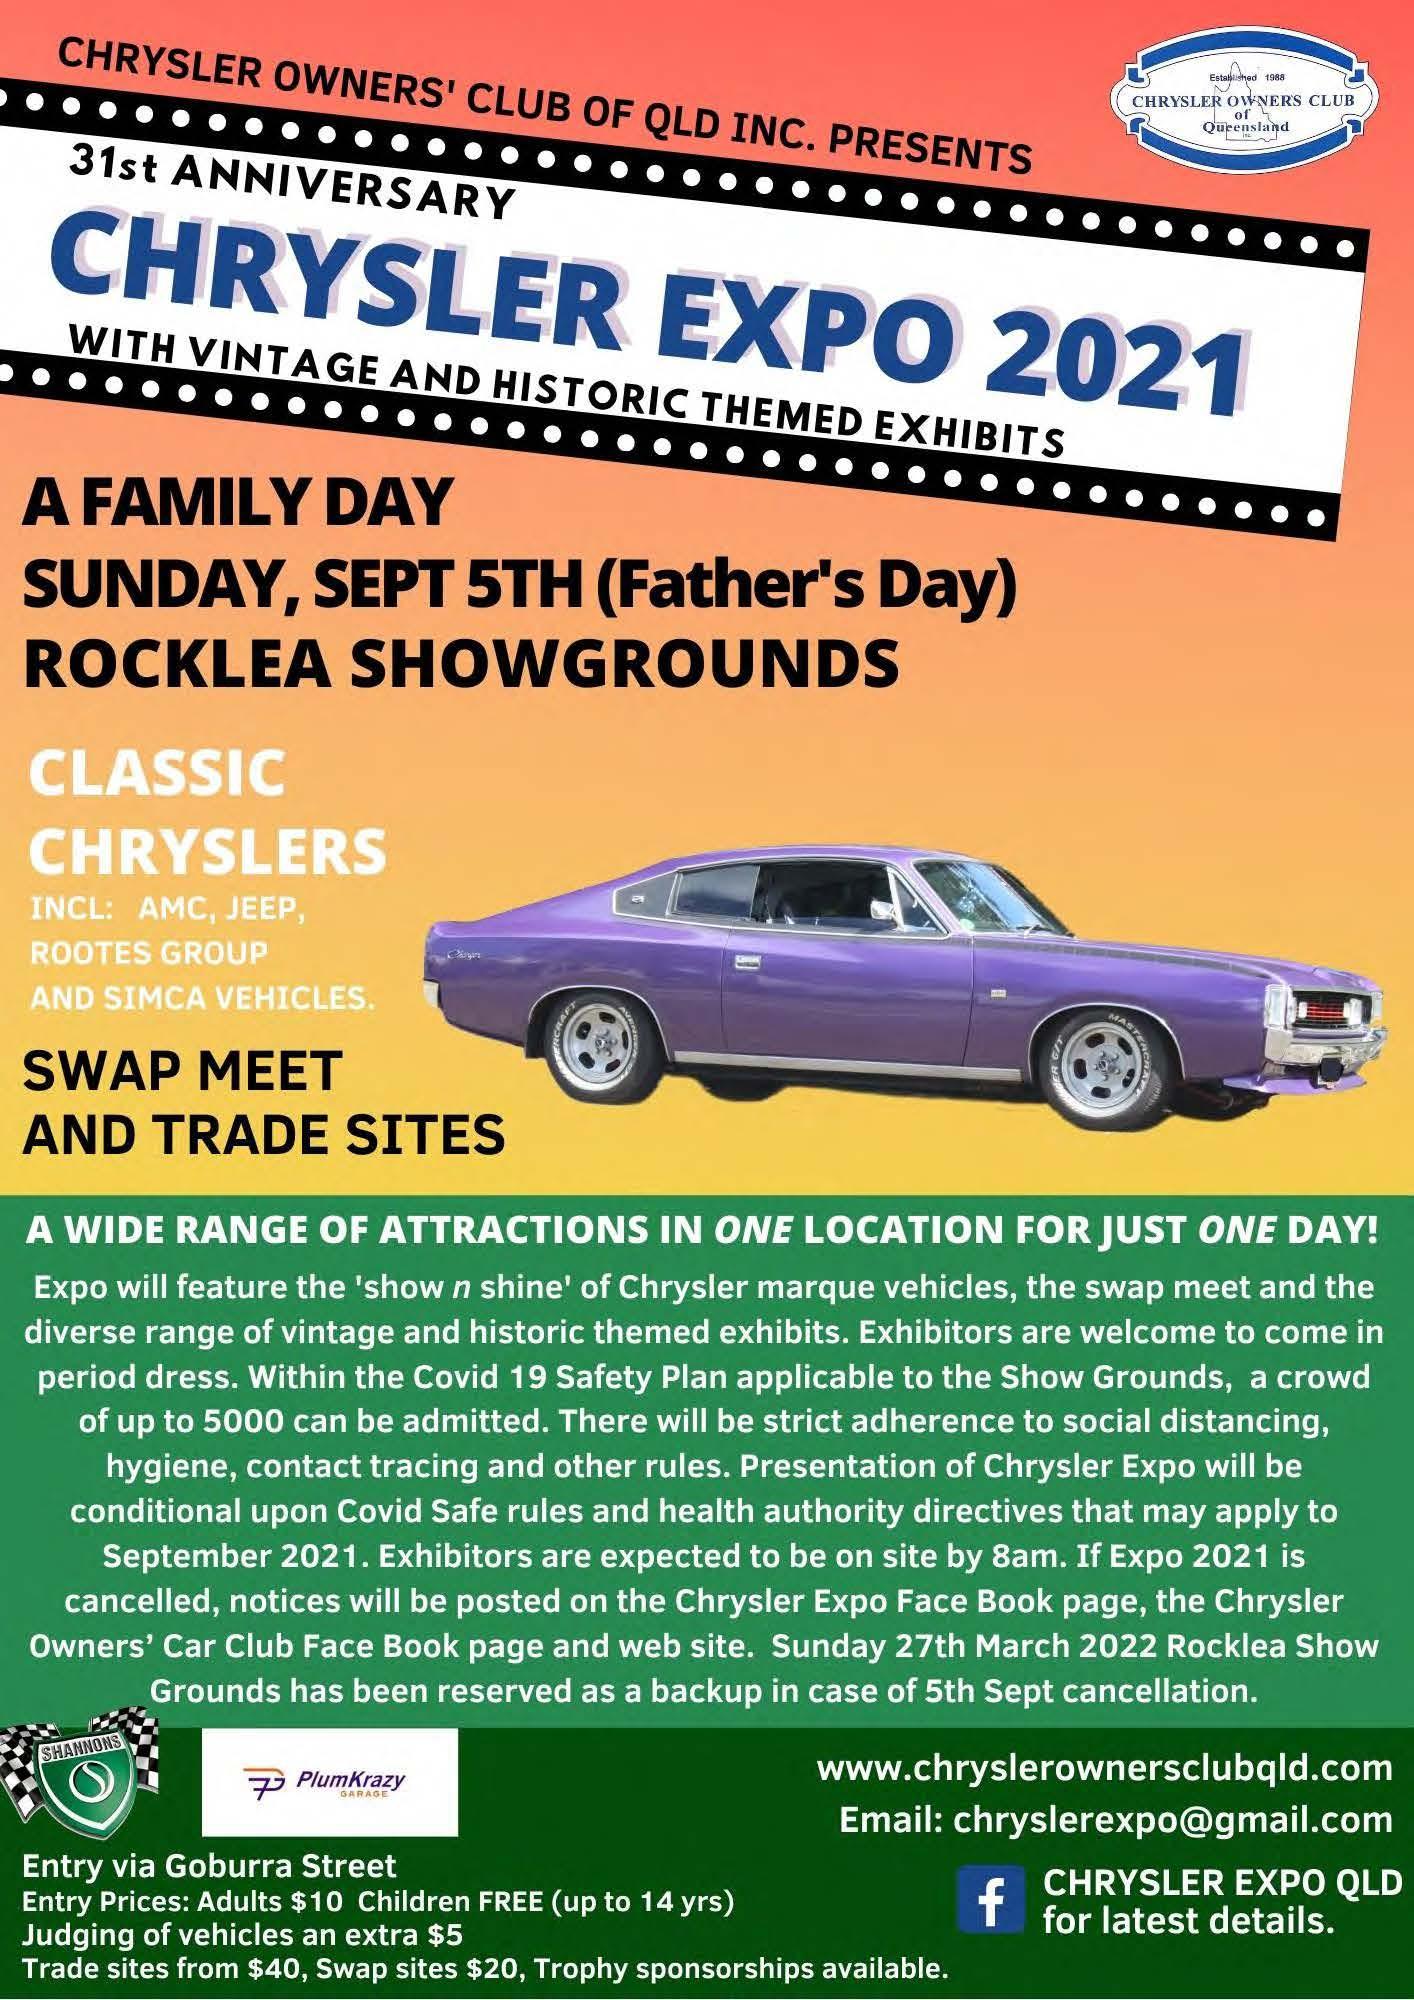 2021 Chrysler Expo